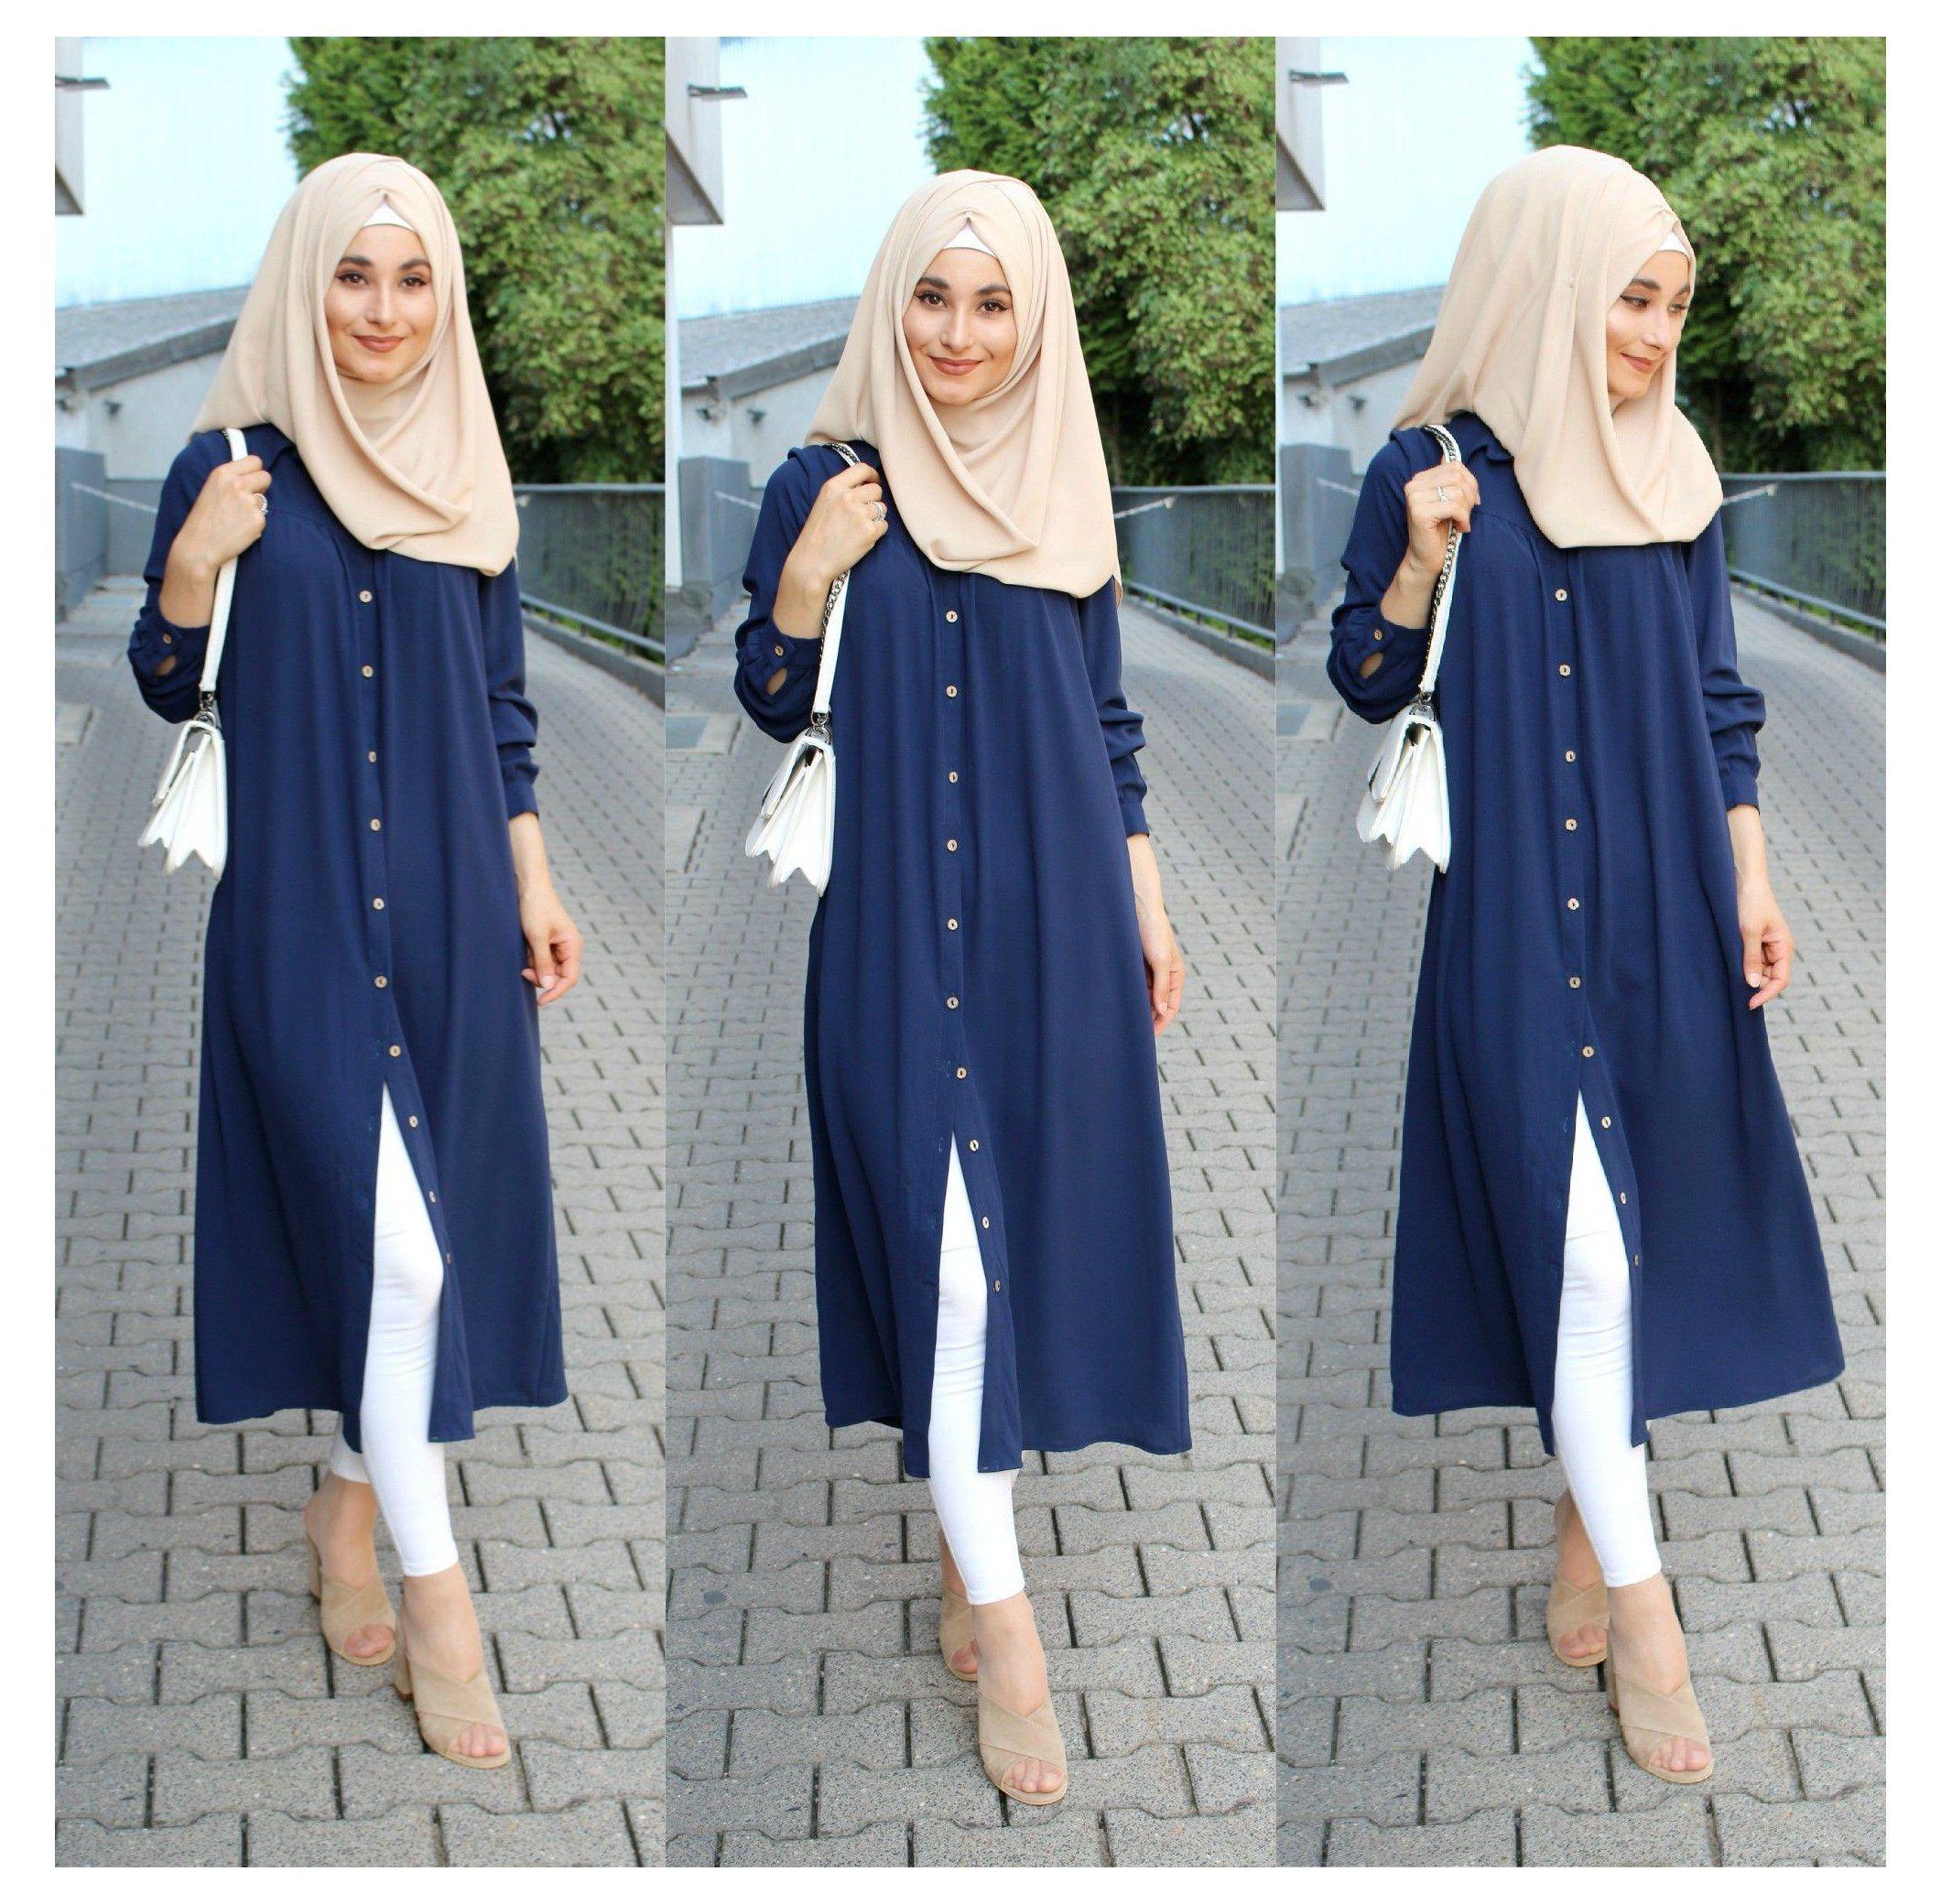 long #tunic #hijab #longtunichijab blue long tunic hijab  Muslim